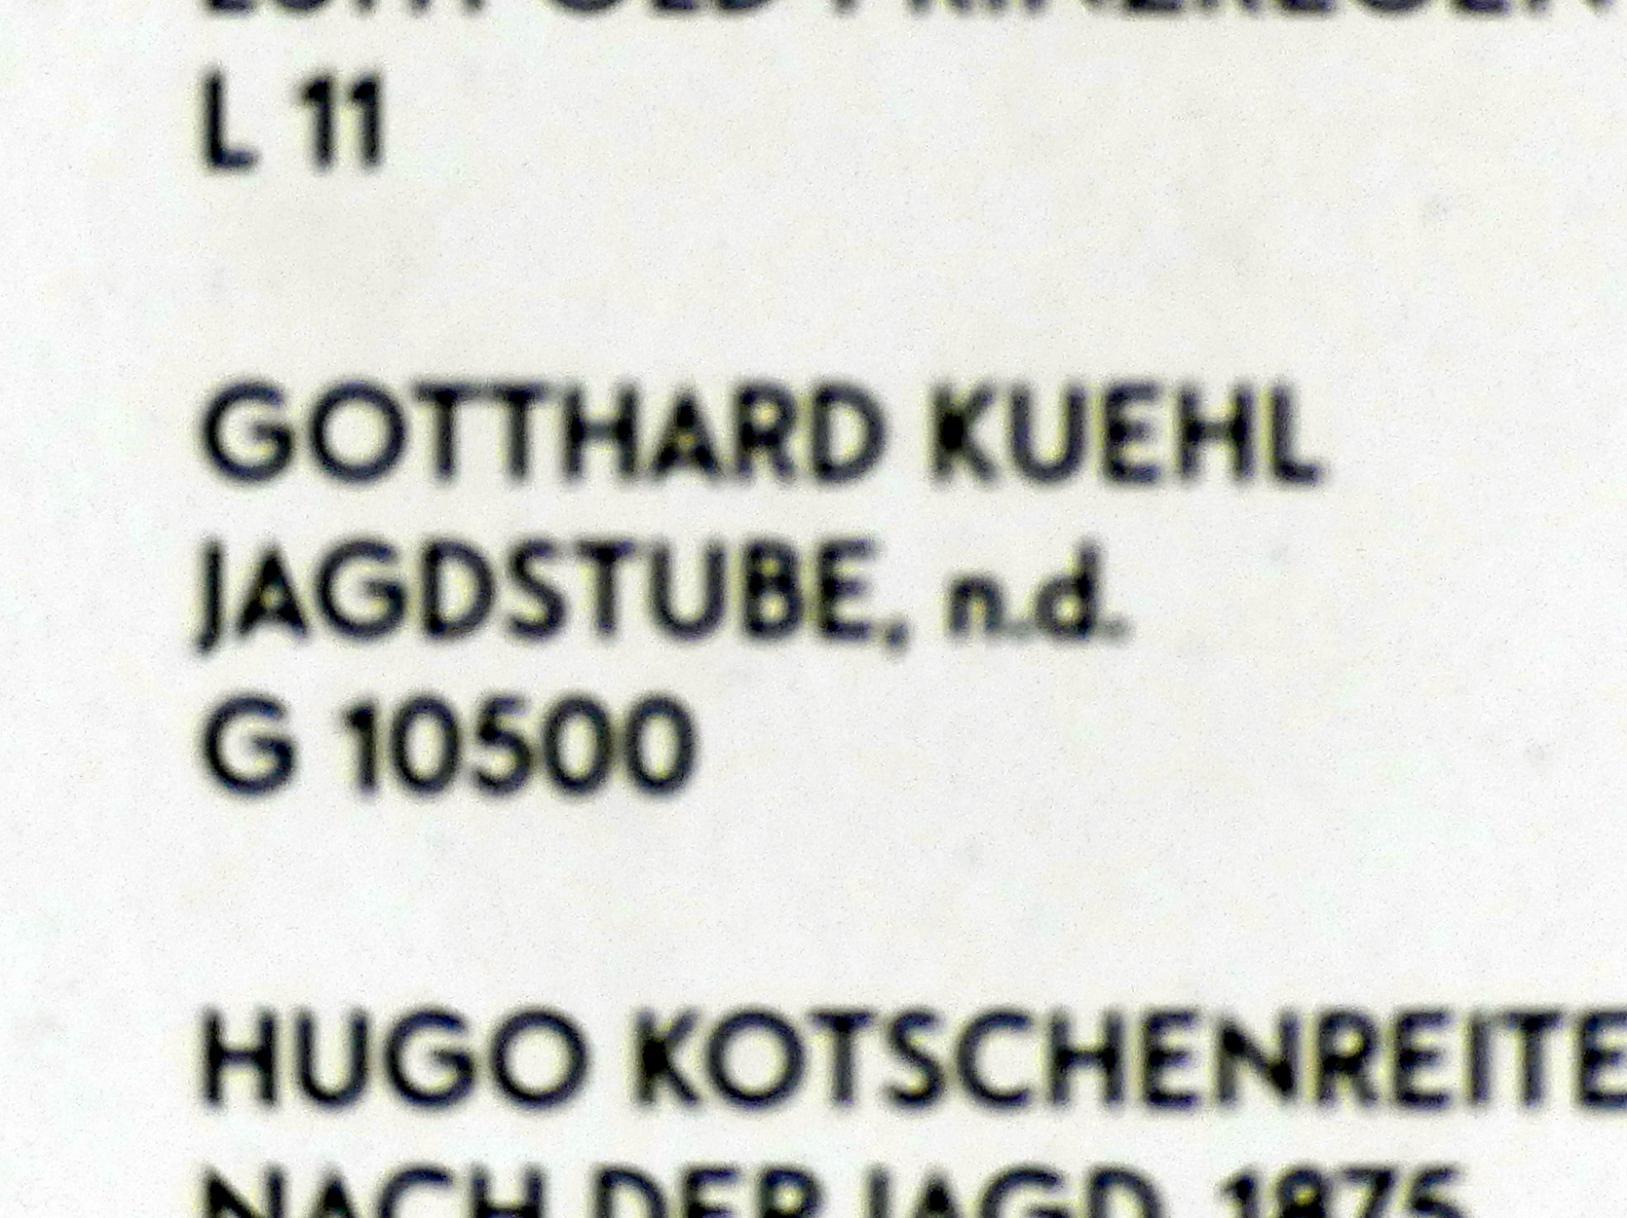 Gotthardt Kuehl: Jagdstube, Undatiert, Bild 2/2